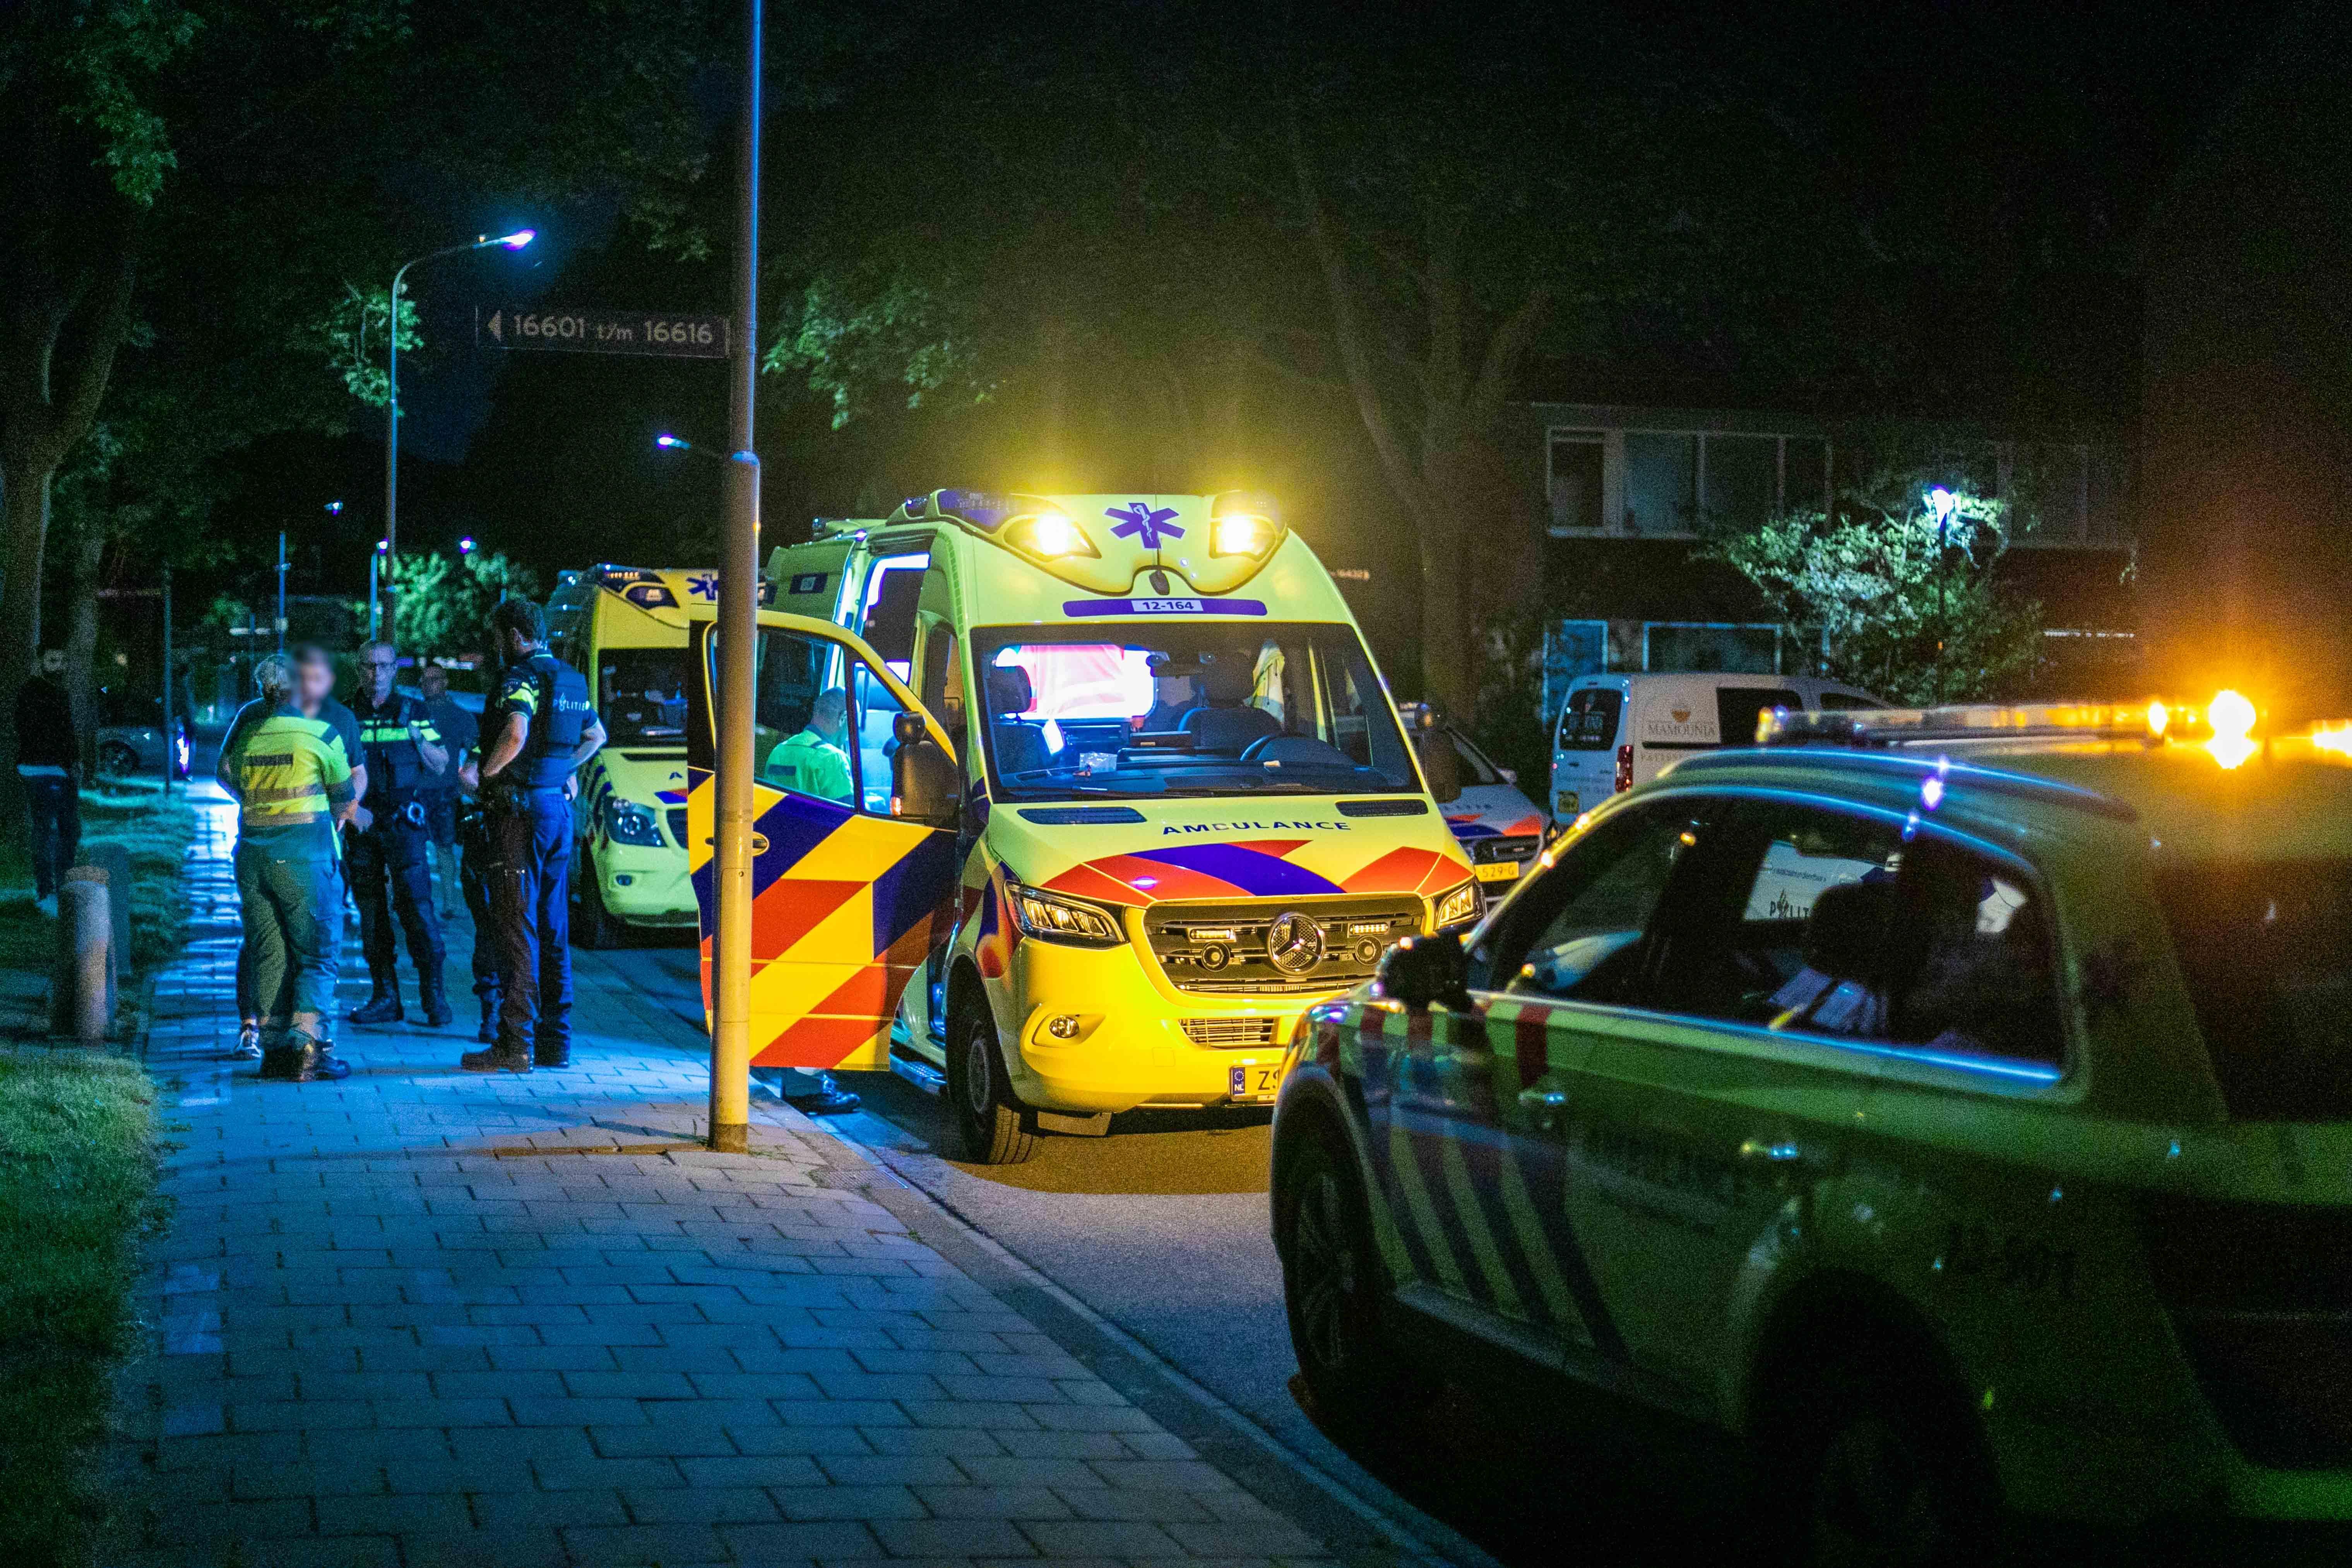 Vrouw (52) raakt ernstig gewond bij steekincident in woning Hoofddorp